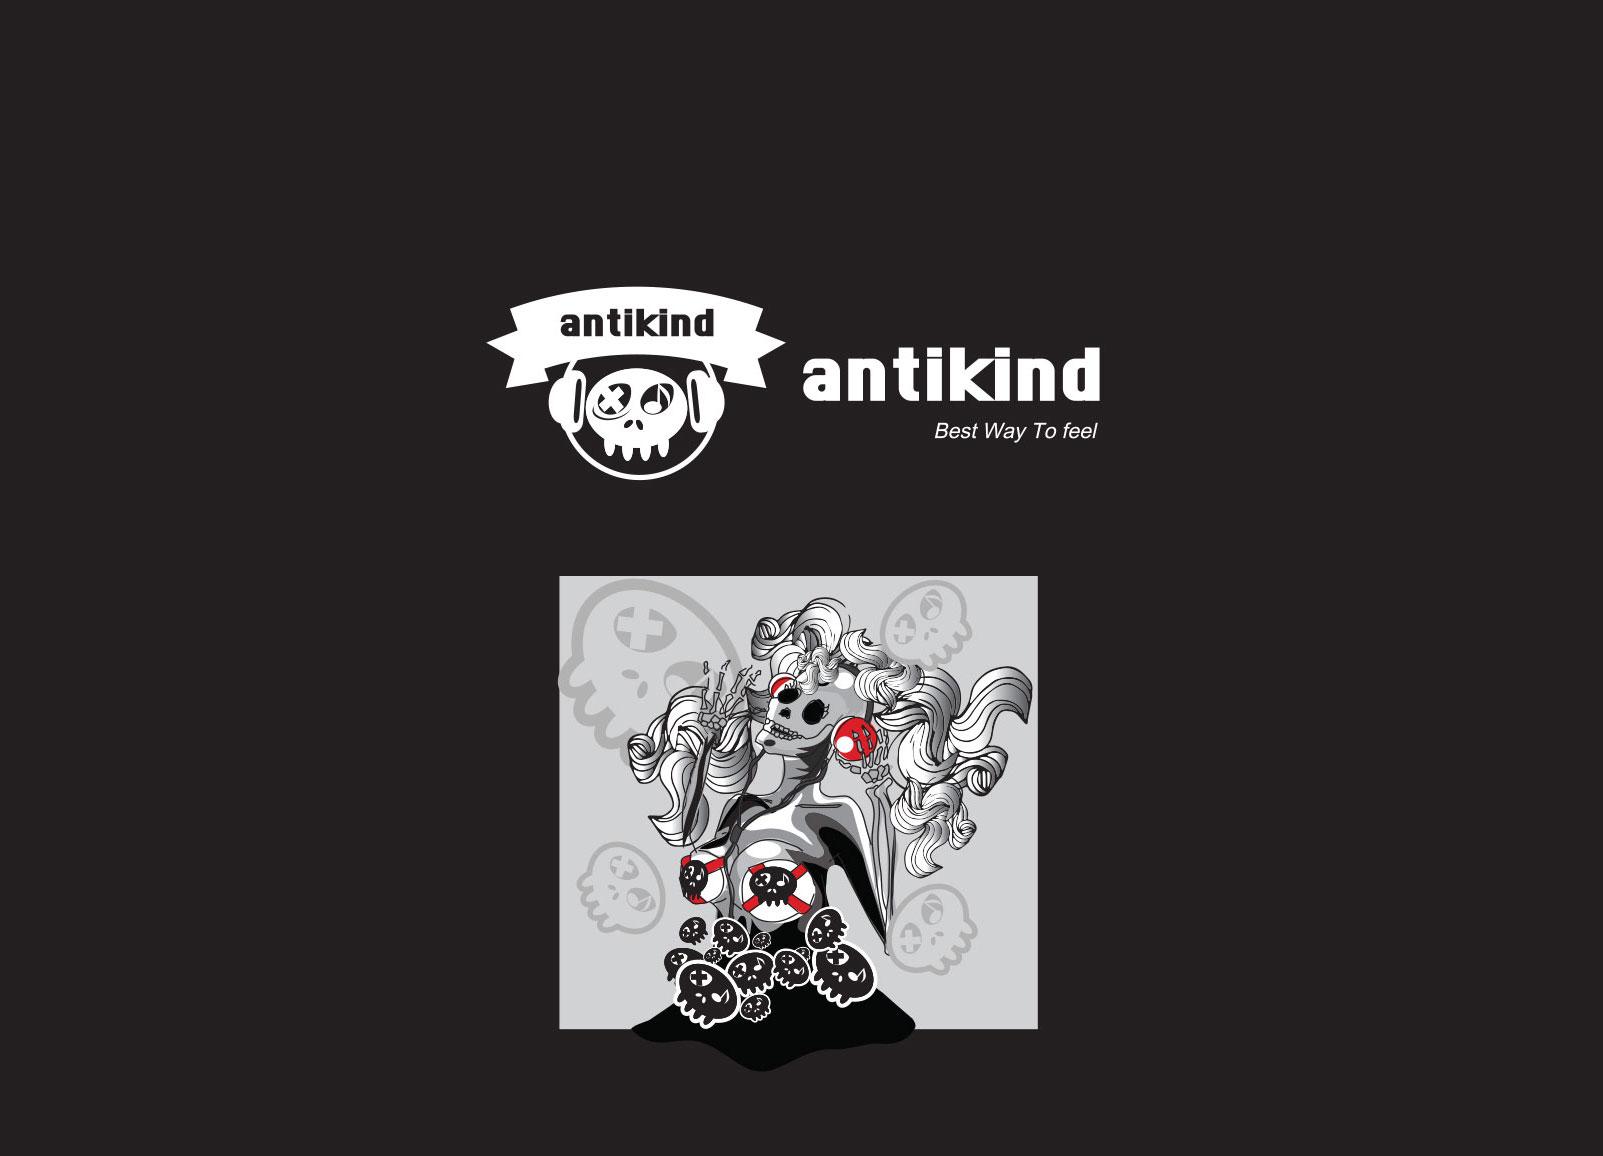 AntiKind